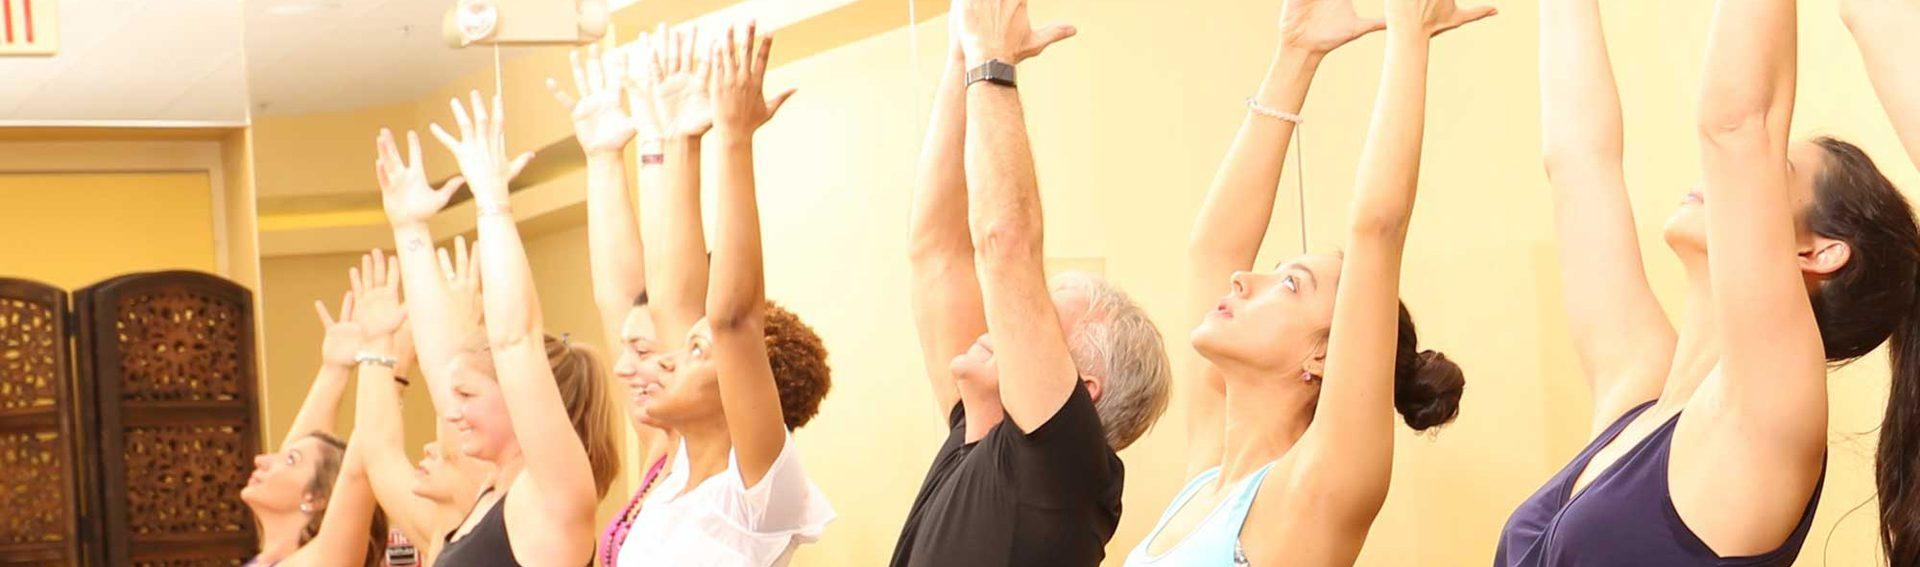 Yoga class, arms raised